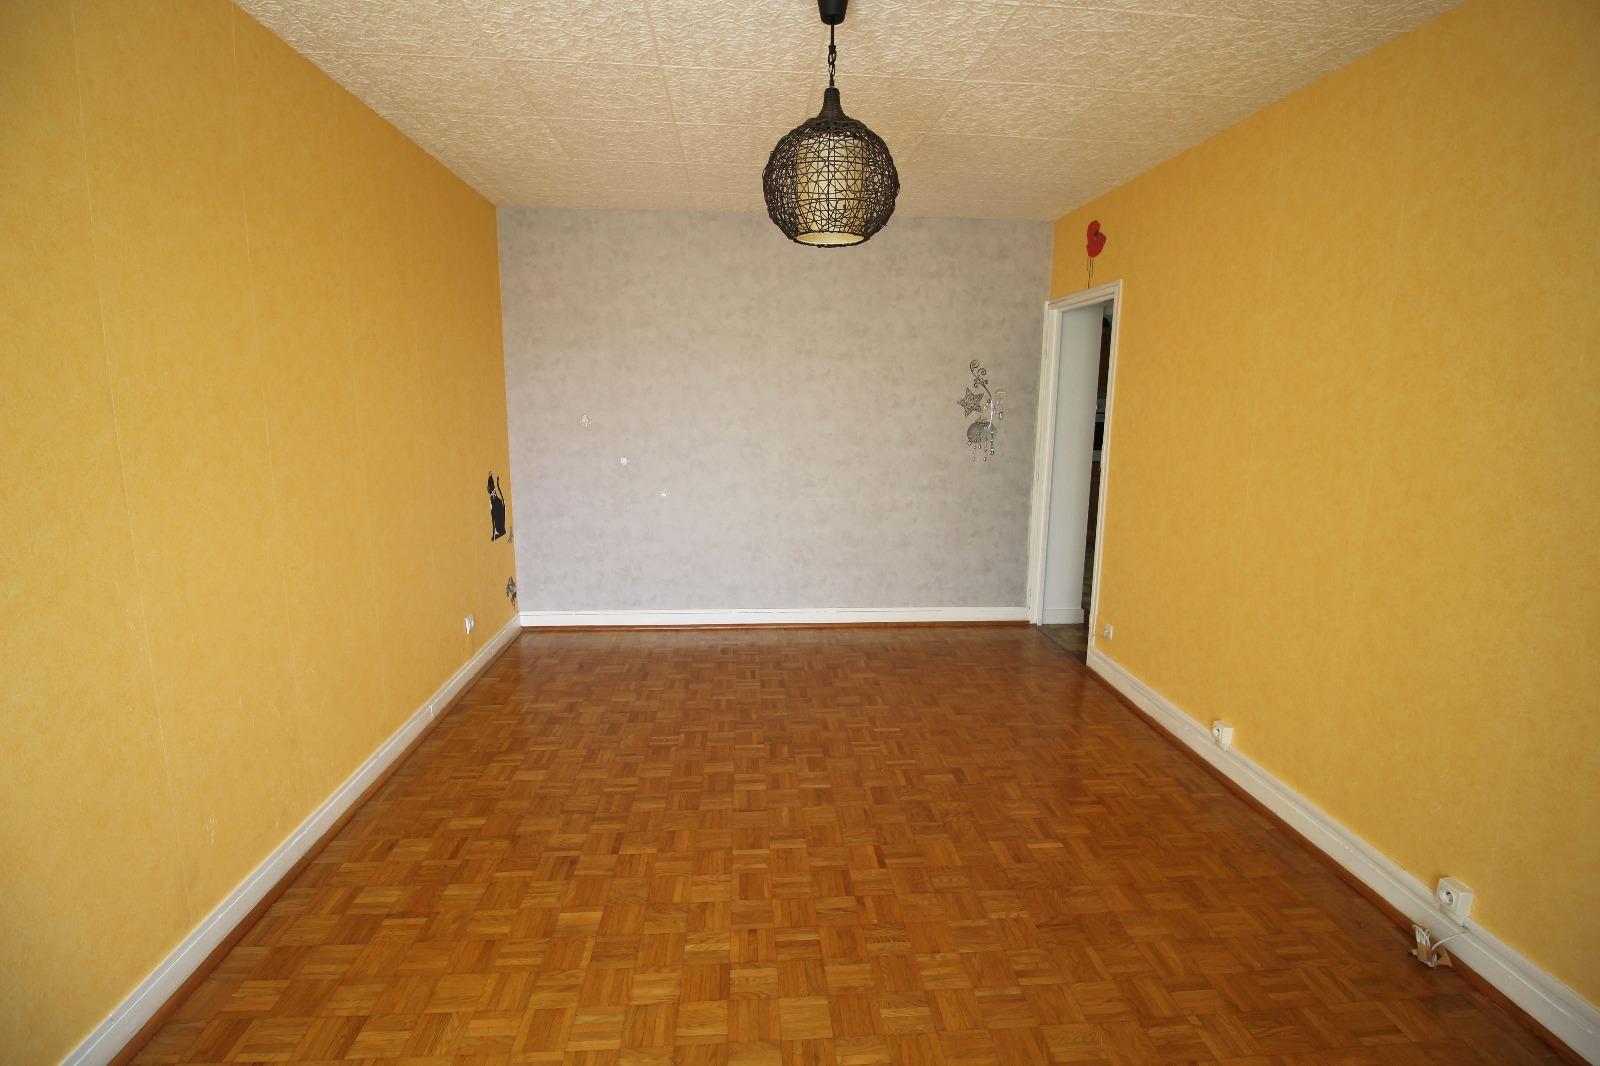 Vente lons le saunier 39 jura vends appartement 76 m env 3 chambres balcon garage 1er - Garage thevenod lons le saunier ...